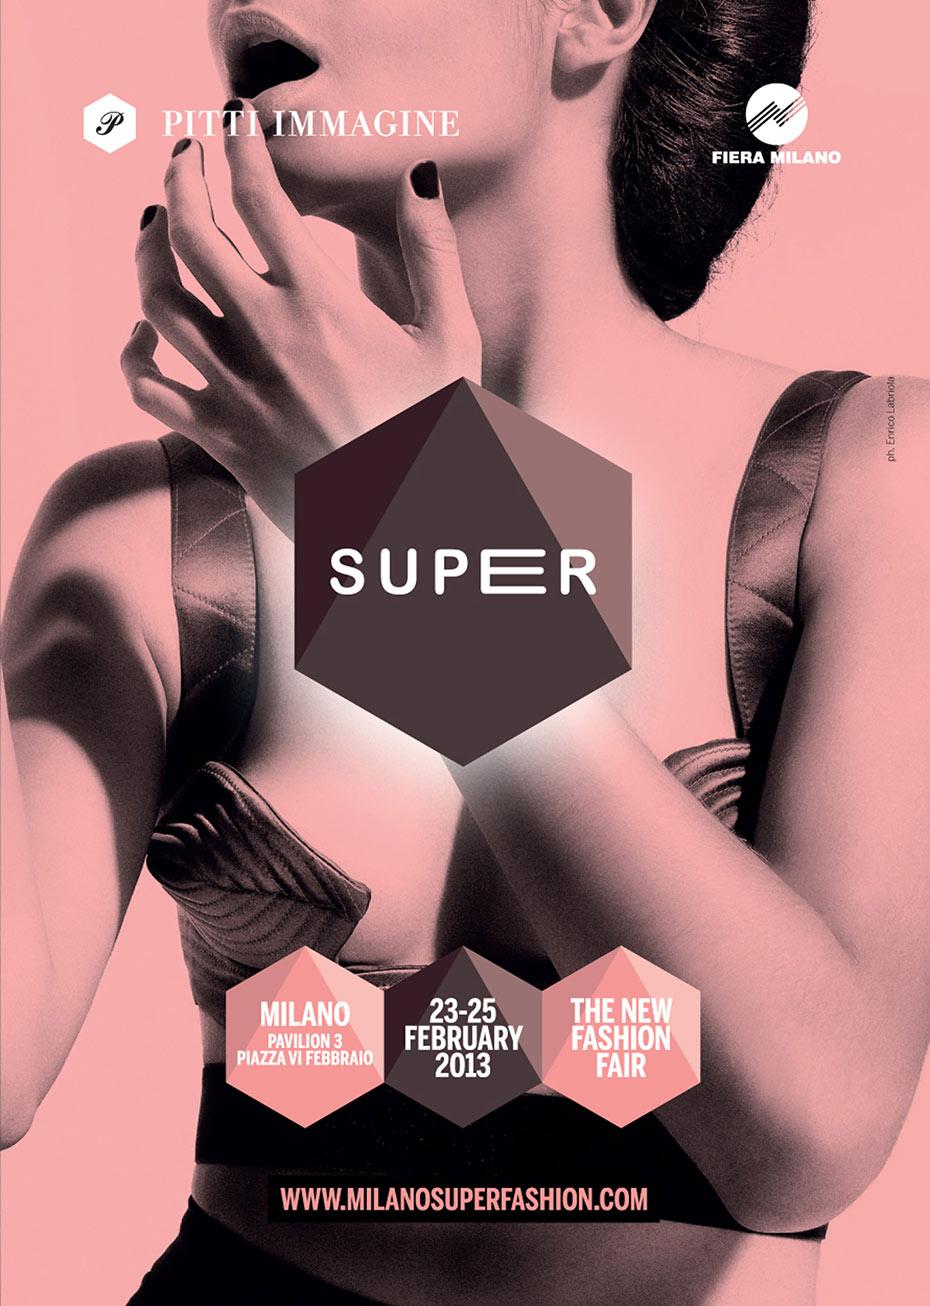 Super - Pitti Immagine - by Enrico Labriola